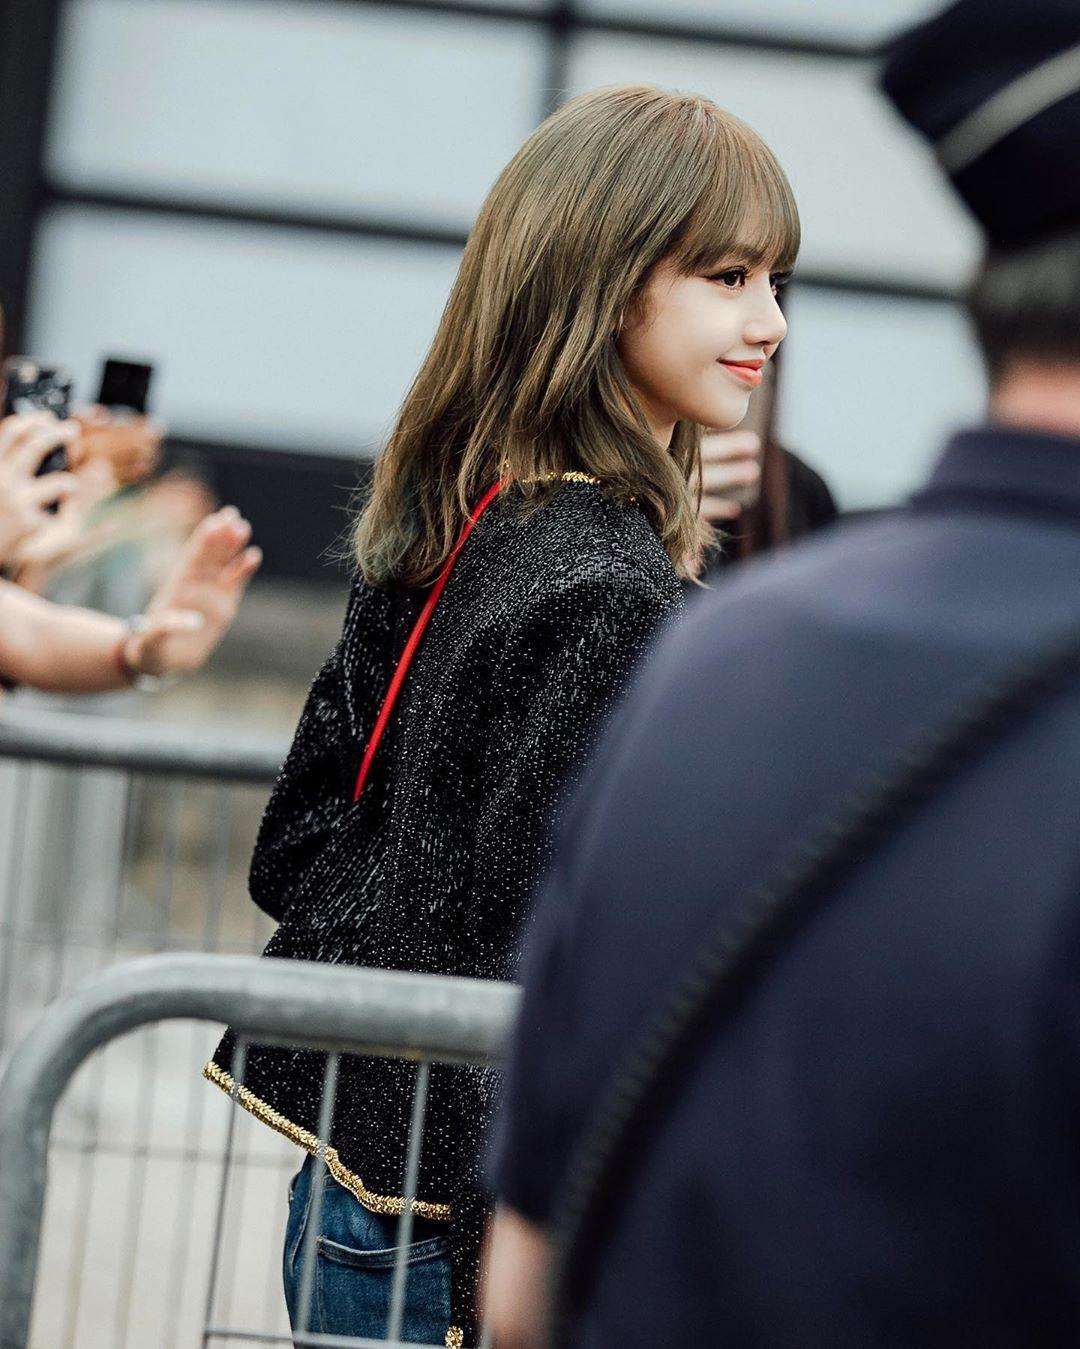 Muốn ná thở với bộ ảnh đẹp của Lisa tại sự kiện Paris: Lướt qua ống kính là thành bìa tạp chí, đôi chân mới khó tin - Ảnh 12.